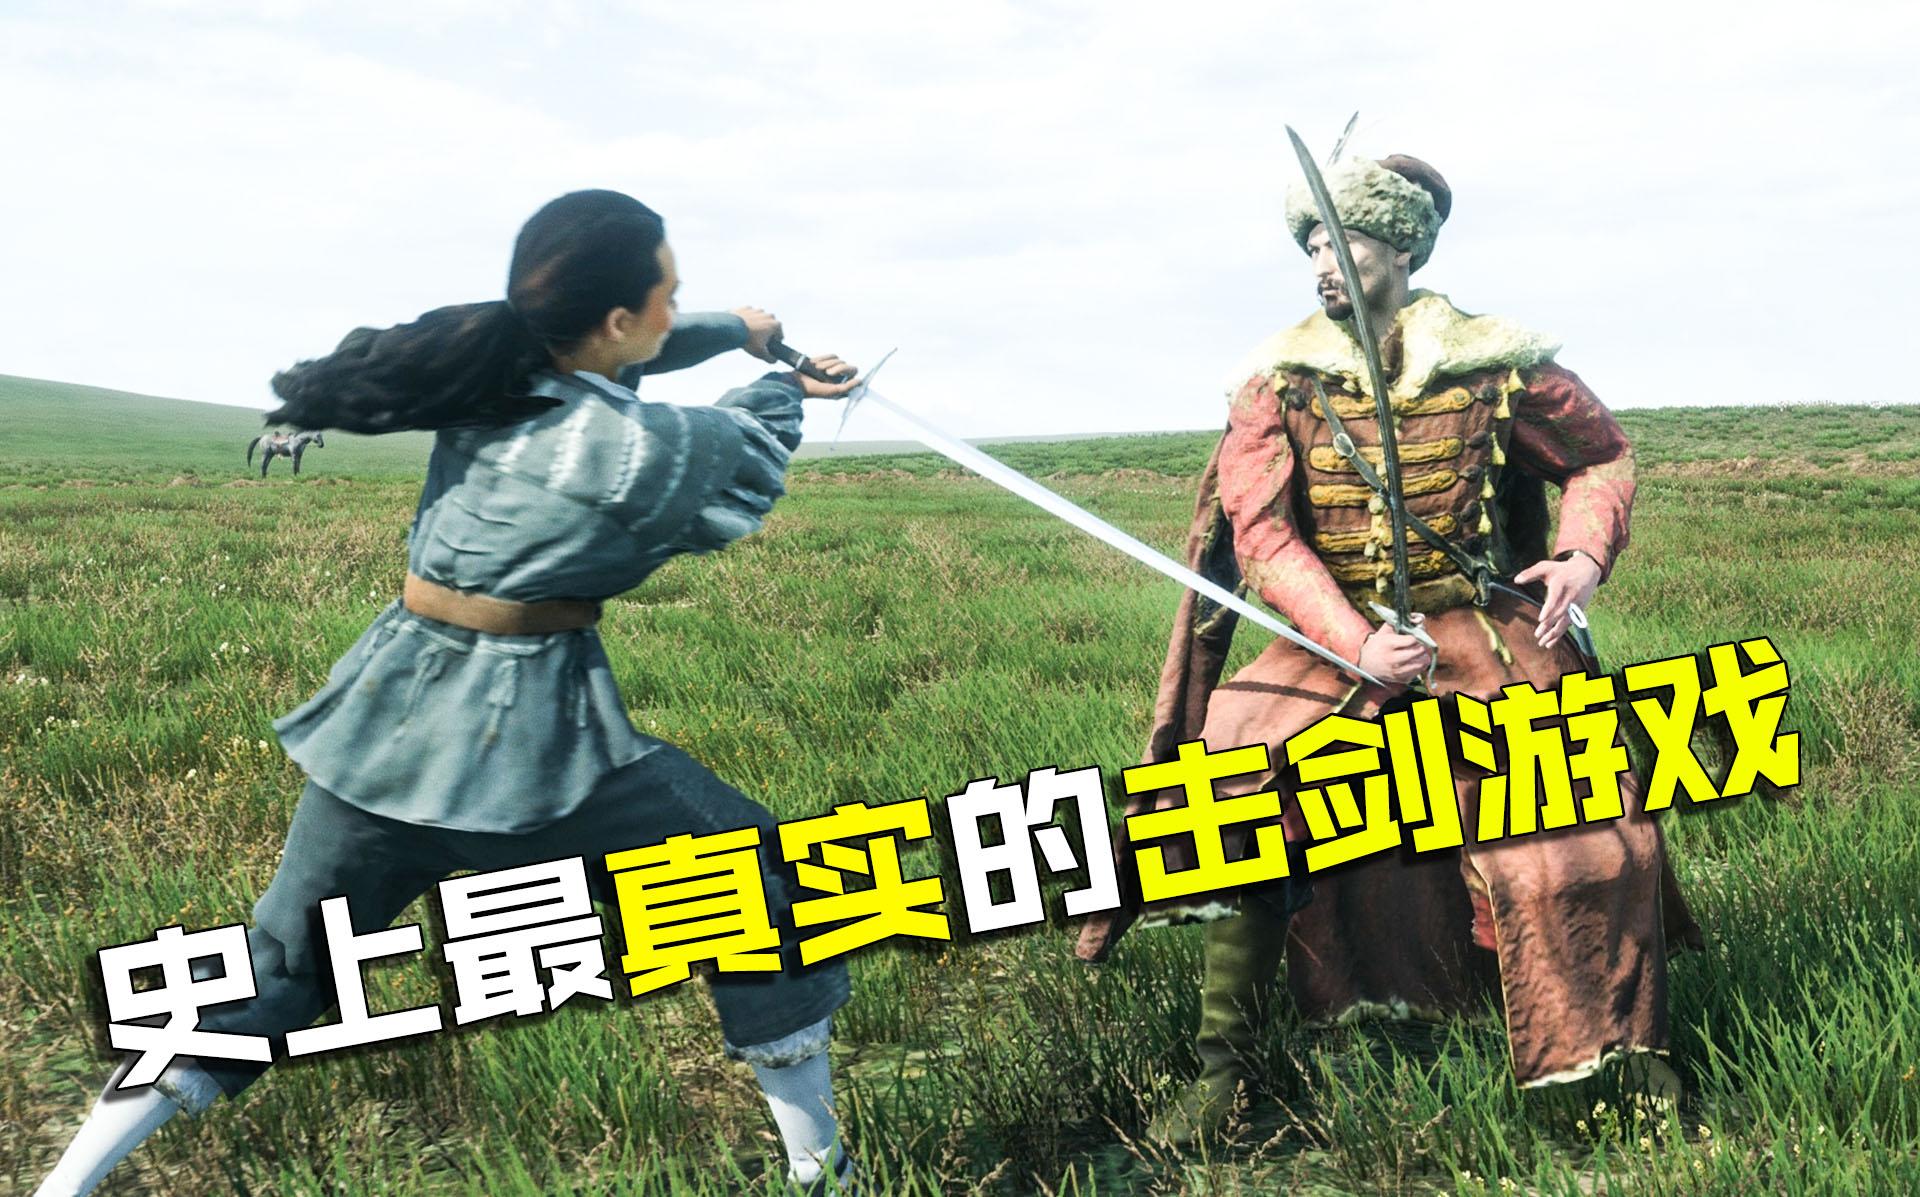 [推荐]史上最真实的击剑游戏!基情四射